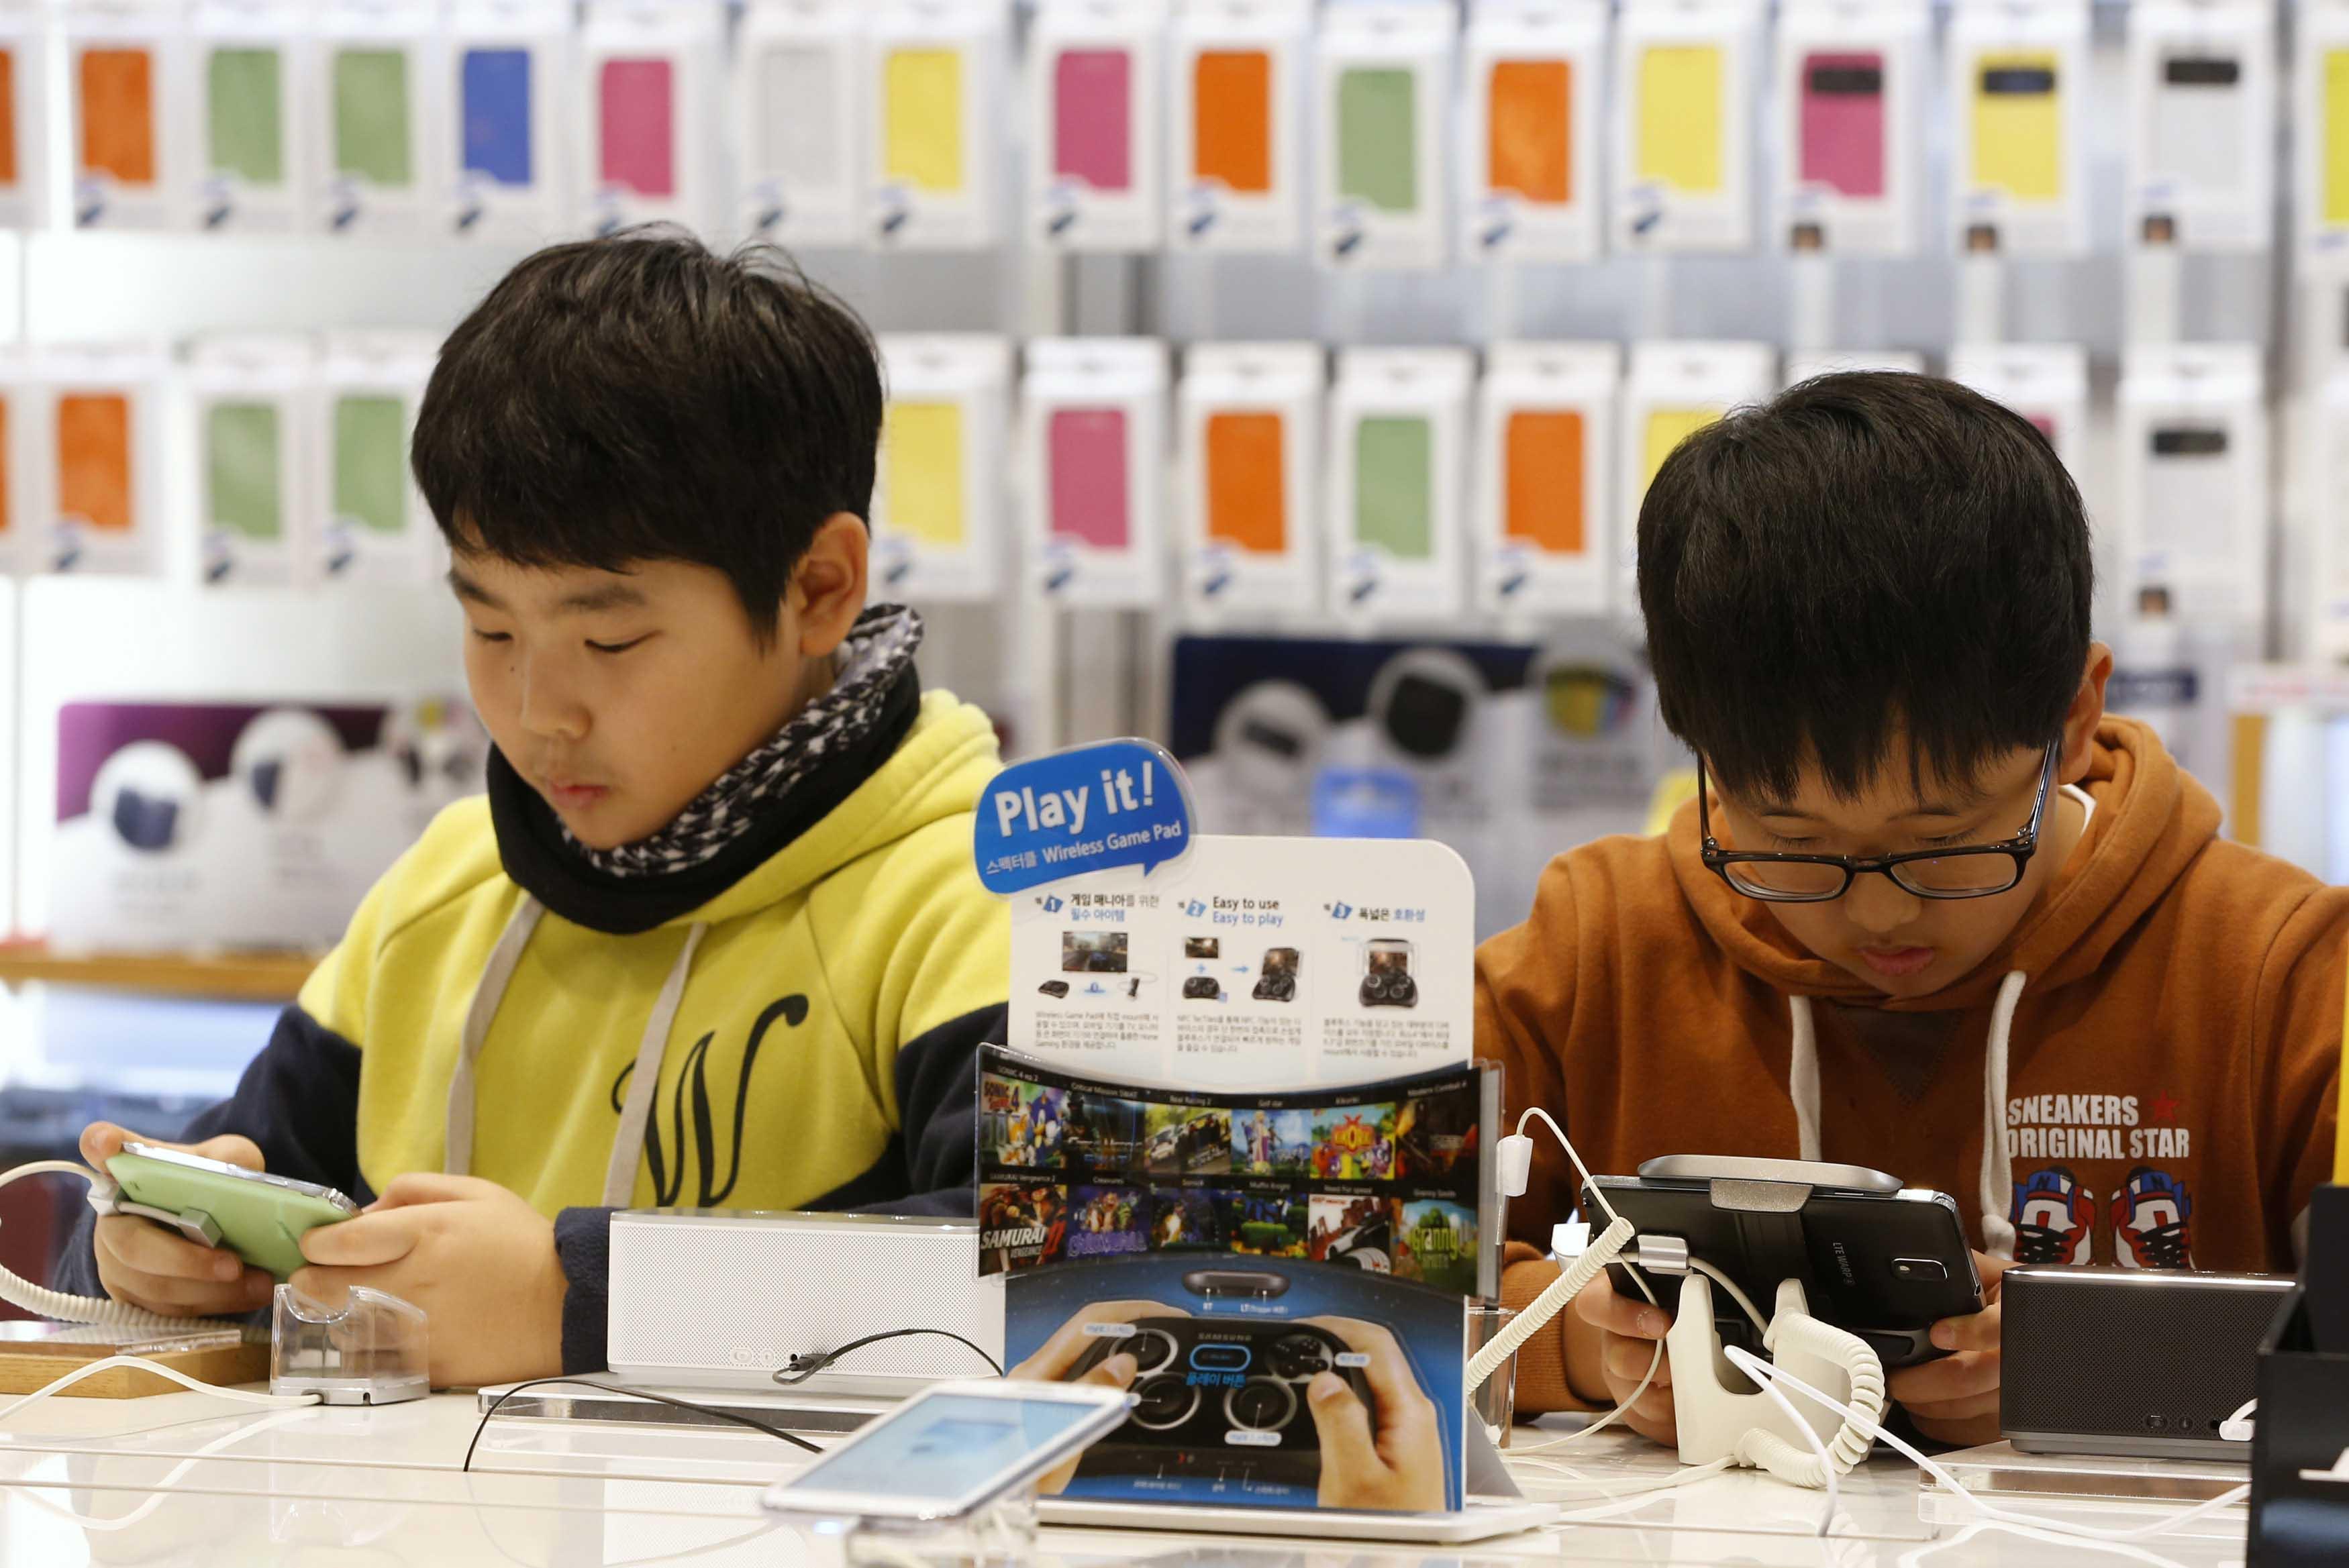 تفریحات برخی از دانشآموزان کره جنوبی